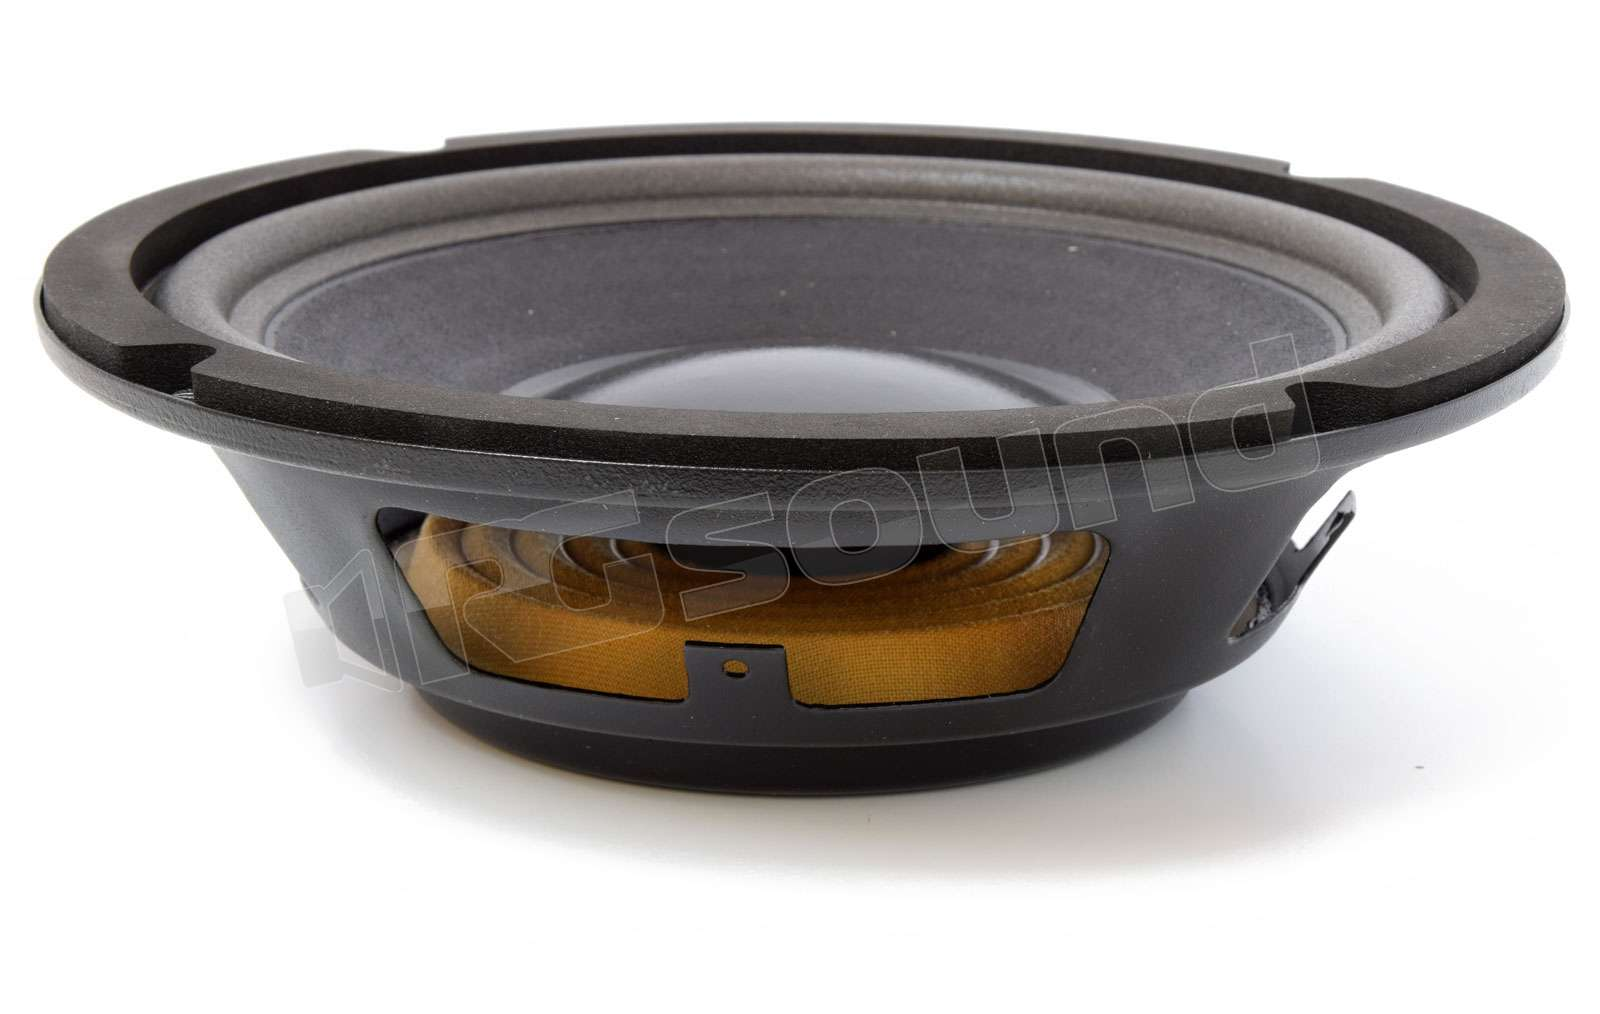 Rivestimento Esterno Casse Acustiche : Ciare yac maniglia in metallo ad incasso per casse acustiche